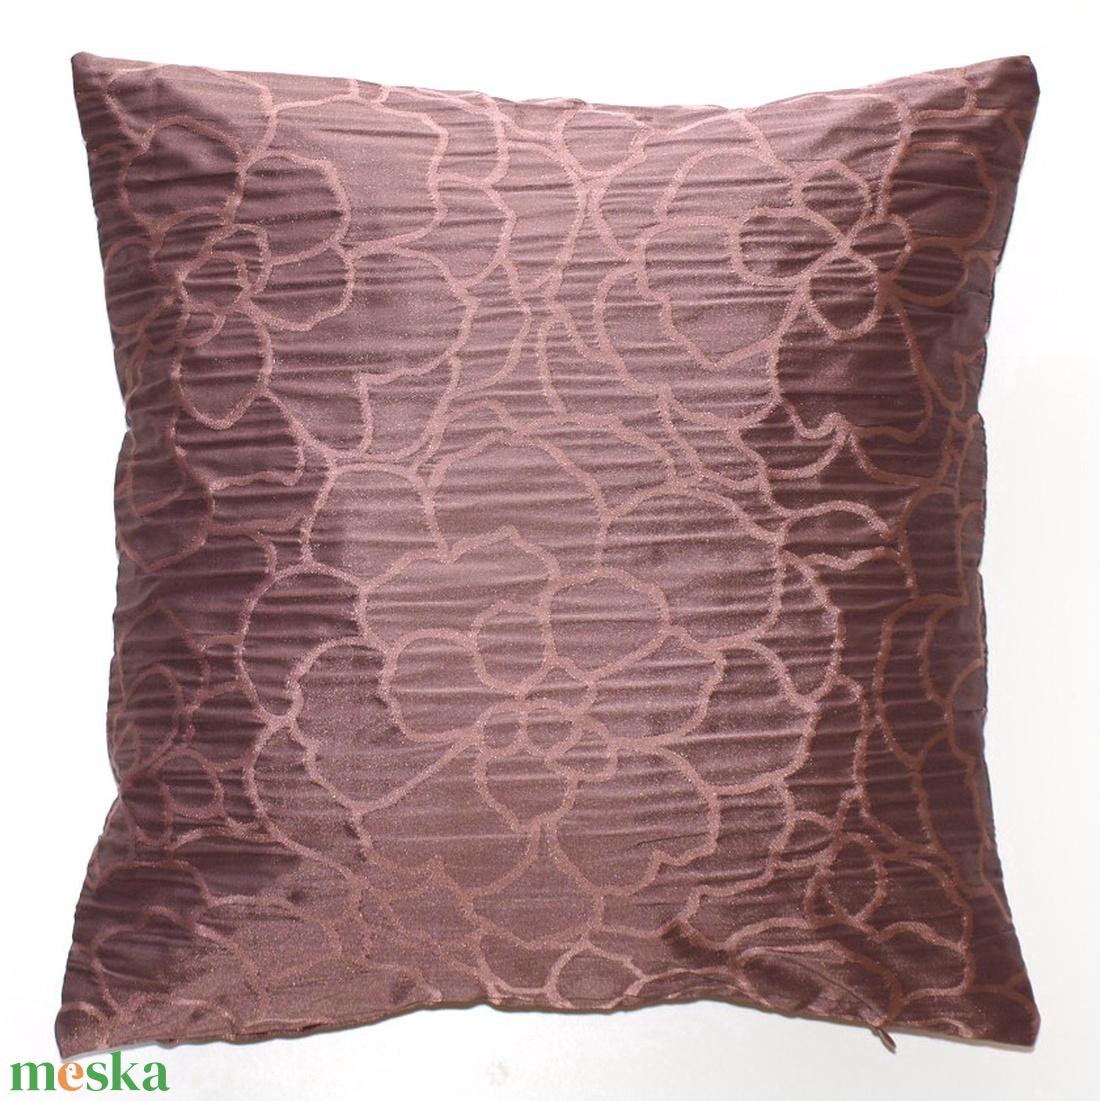 Csokoládé barna elegáns párna, klasszikusz stílusú díszpárna, Virág mintás díszpárna, párnahuzat + belső párna (40x40cm) - otthon & lakás - lakástextil - párna & párnahuzat - Meska.hu